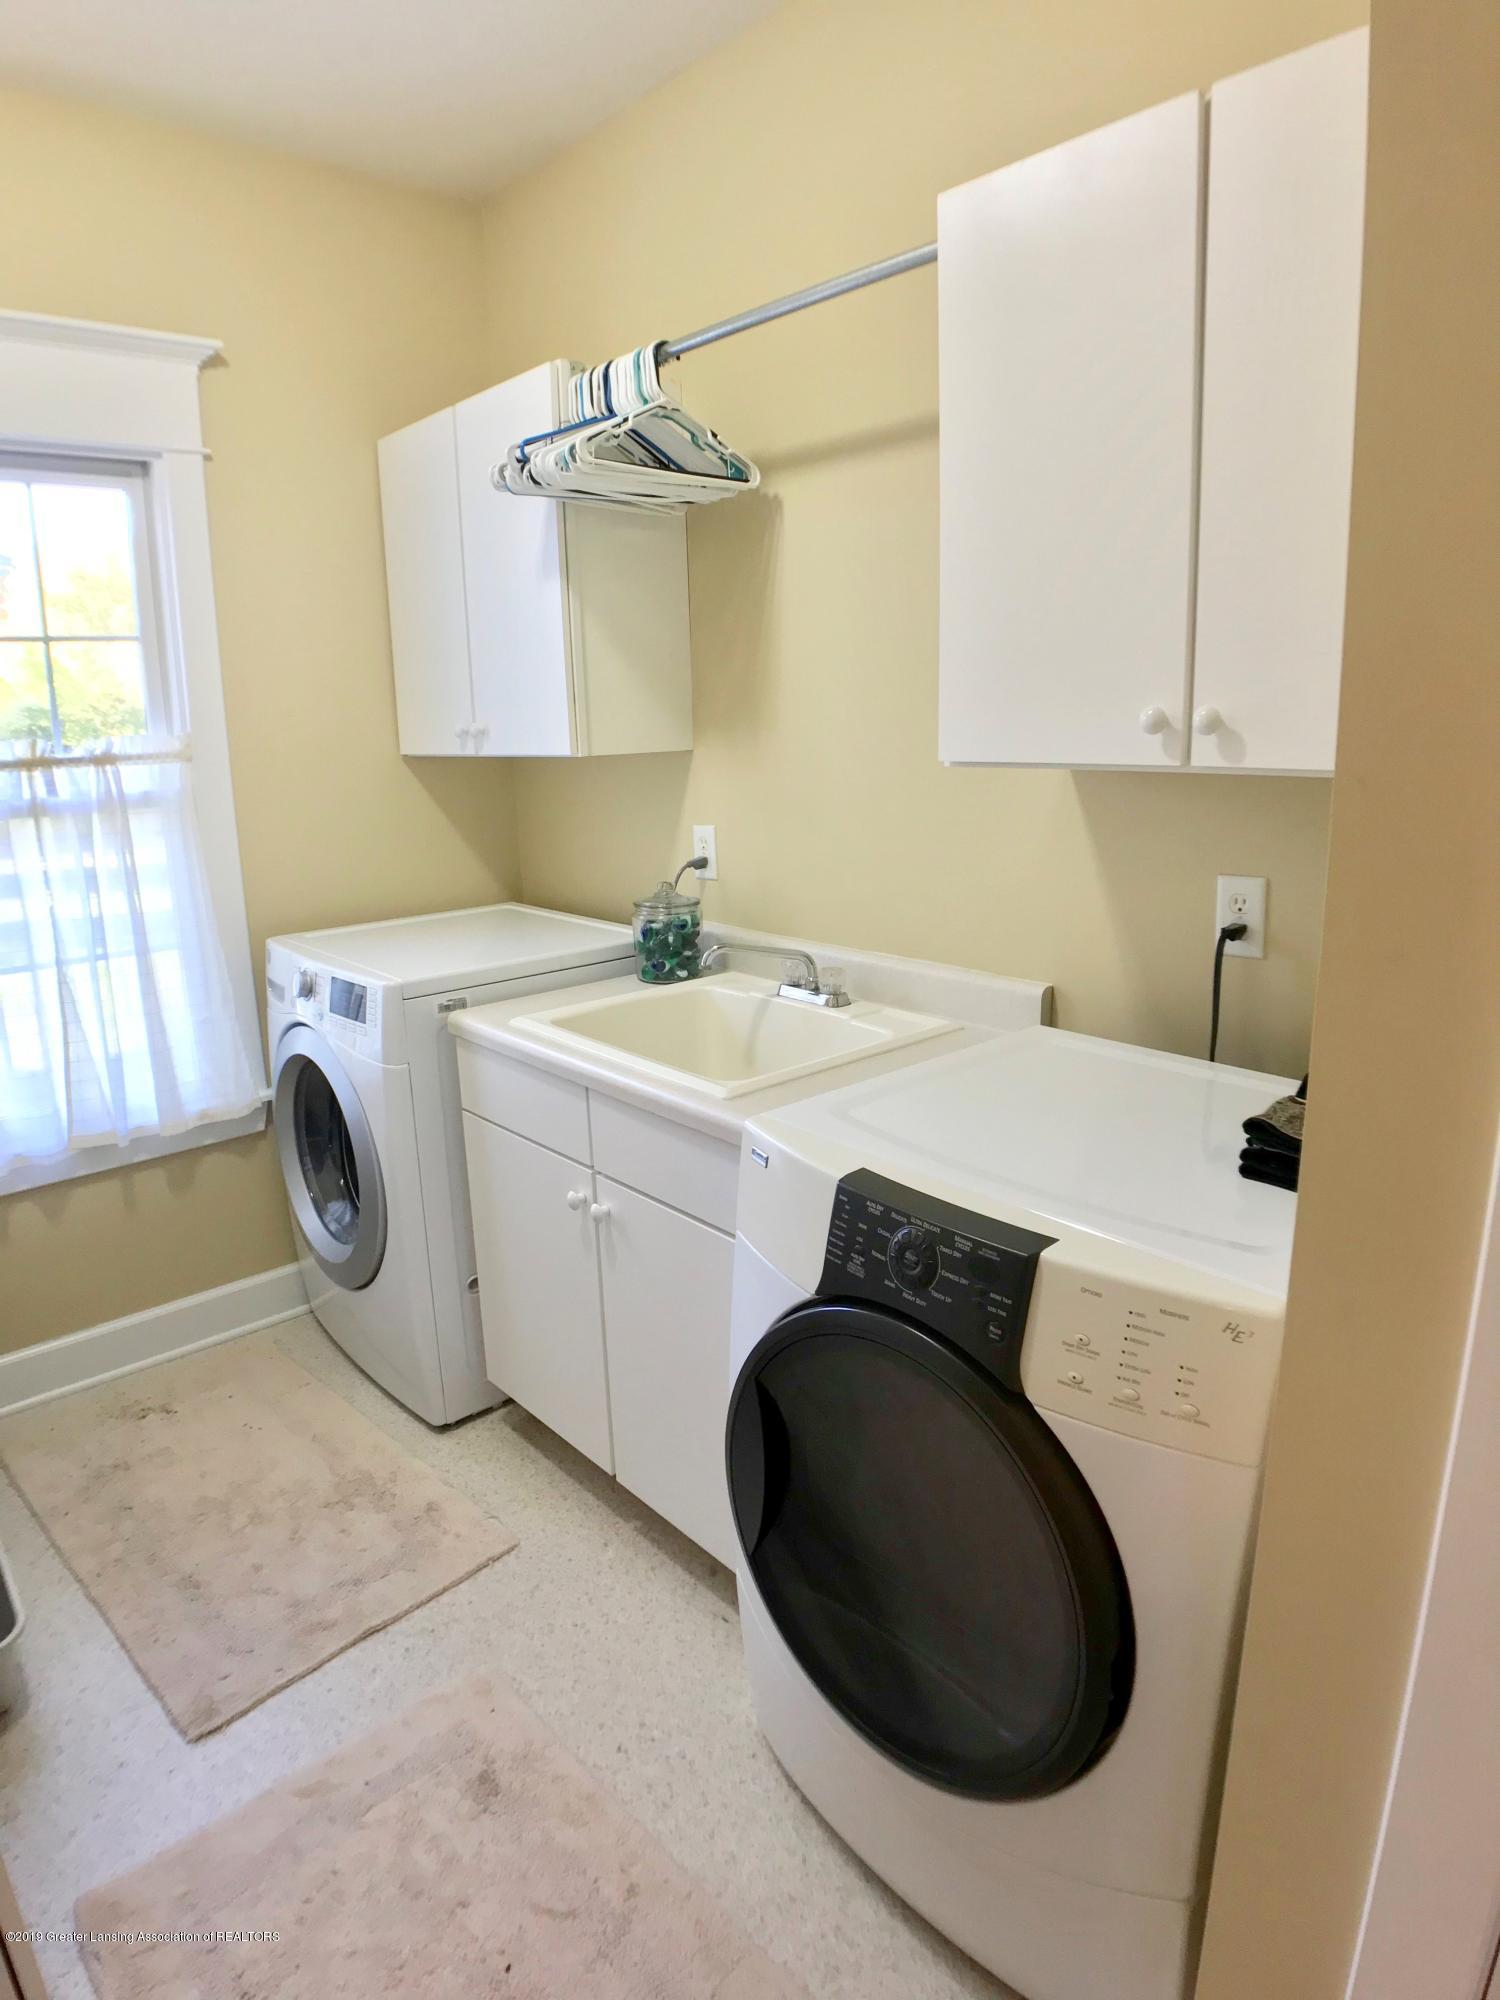 6430 Quail Ridge Ln - Laundry - 57